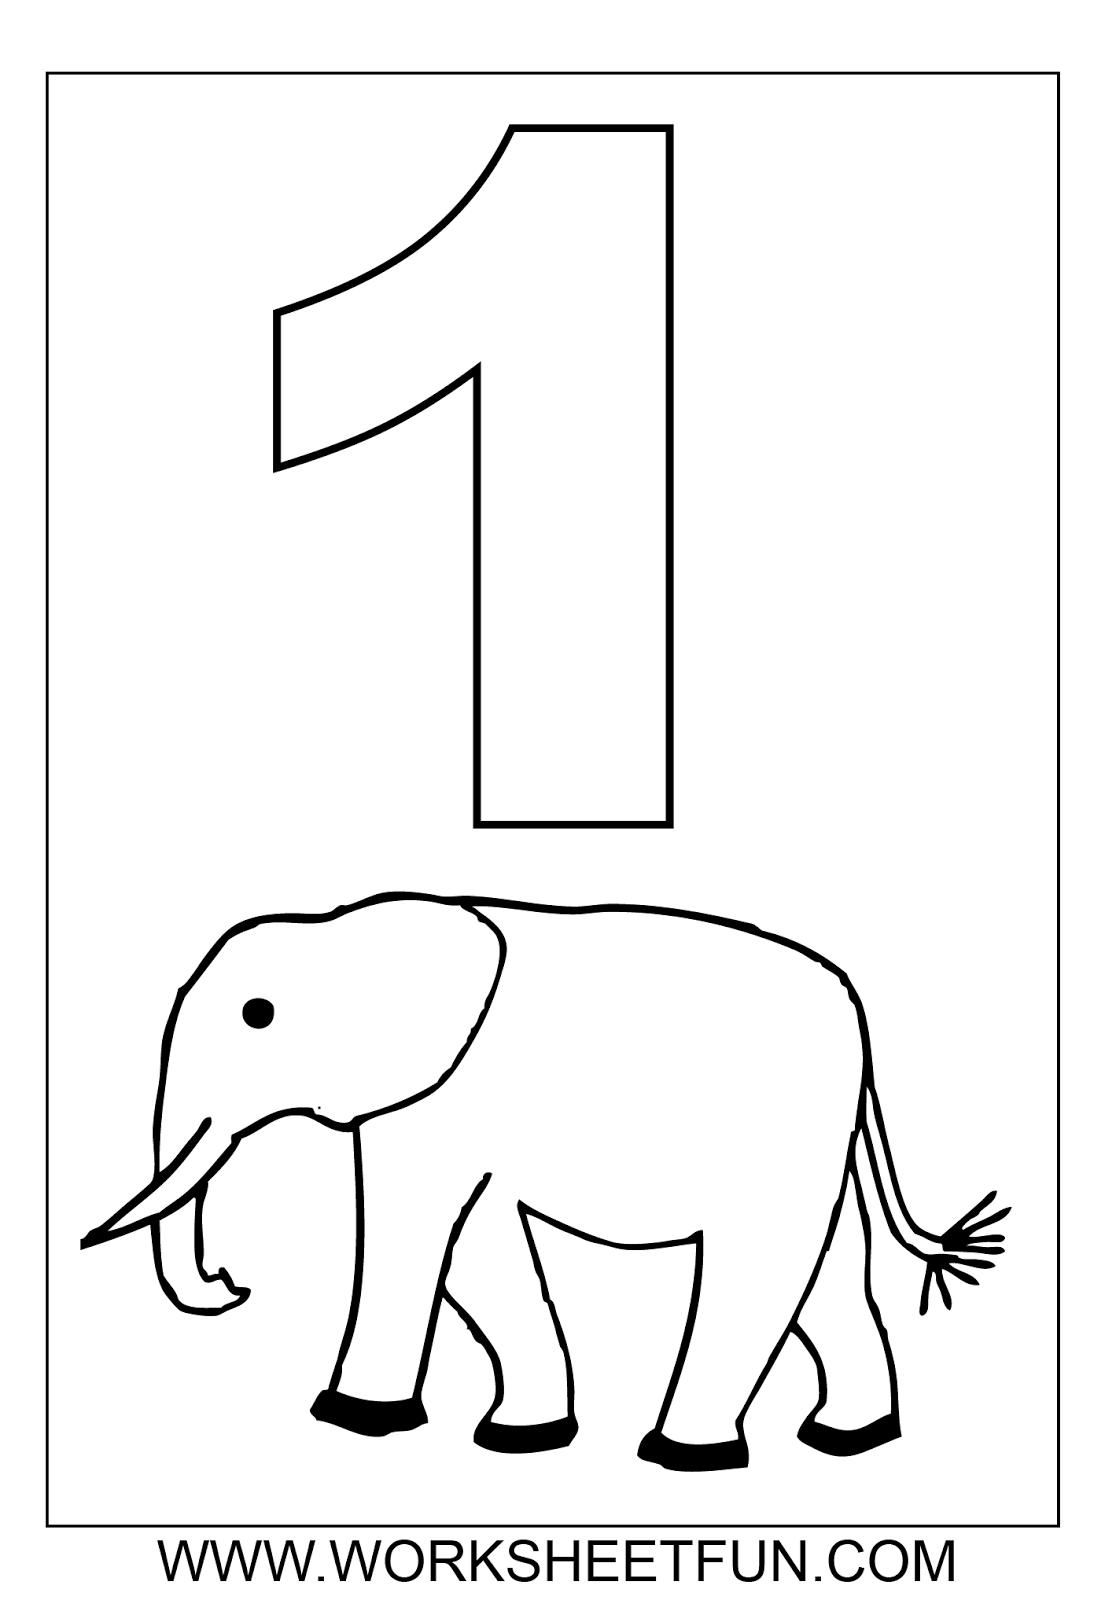 13 Best Images Of Number 14 Worksheets Kindergarten